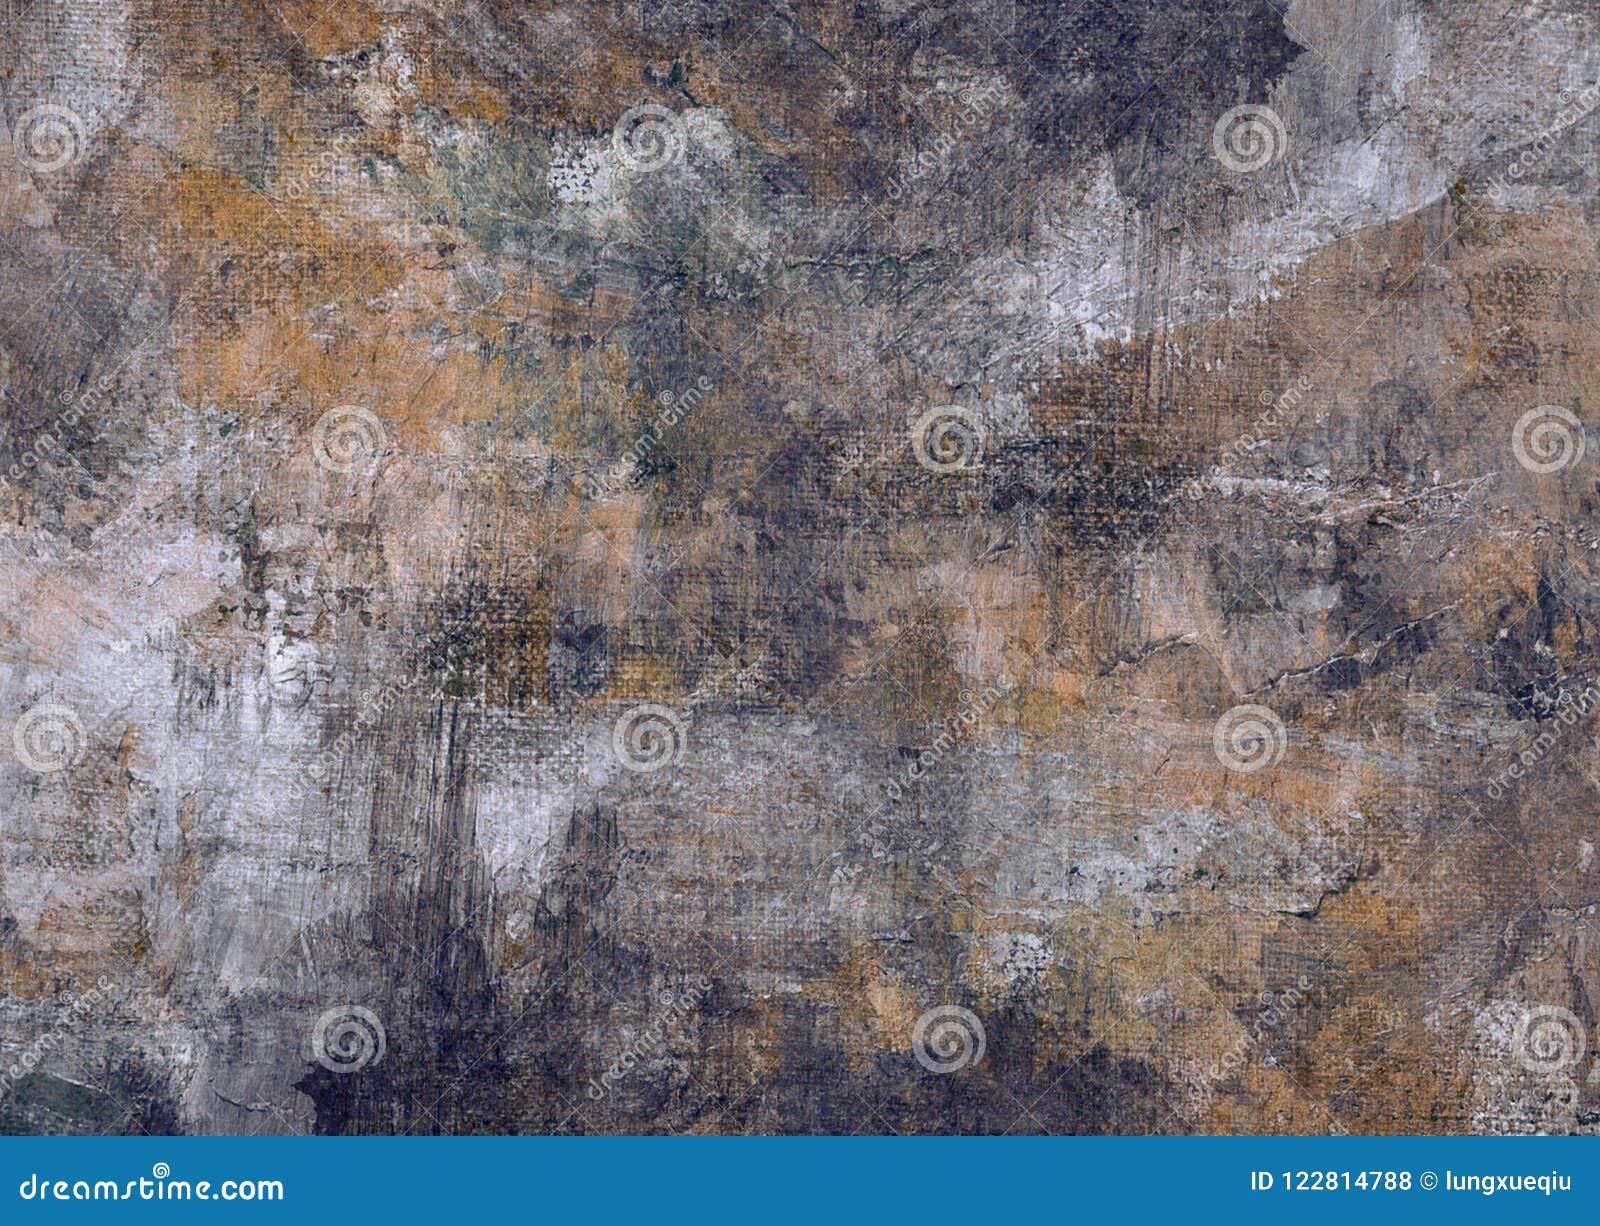 Dunkler abstrakter malender Schmutz Rusty Distorted Decay Old Texture Grey Brown Black Stones Canvass für Autumn Background Wallp